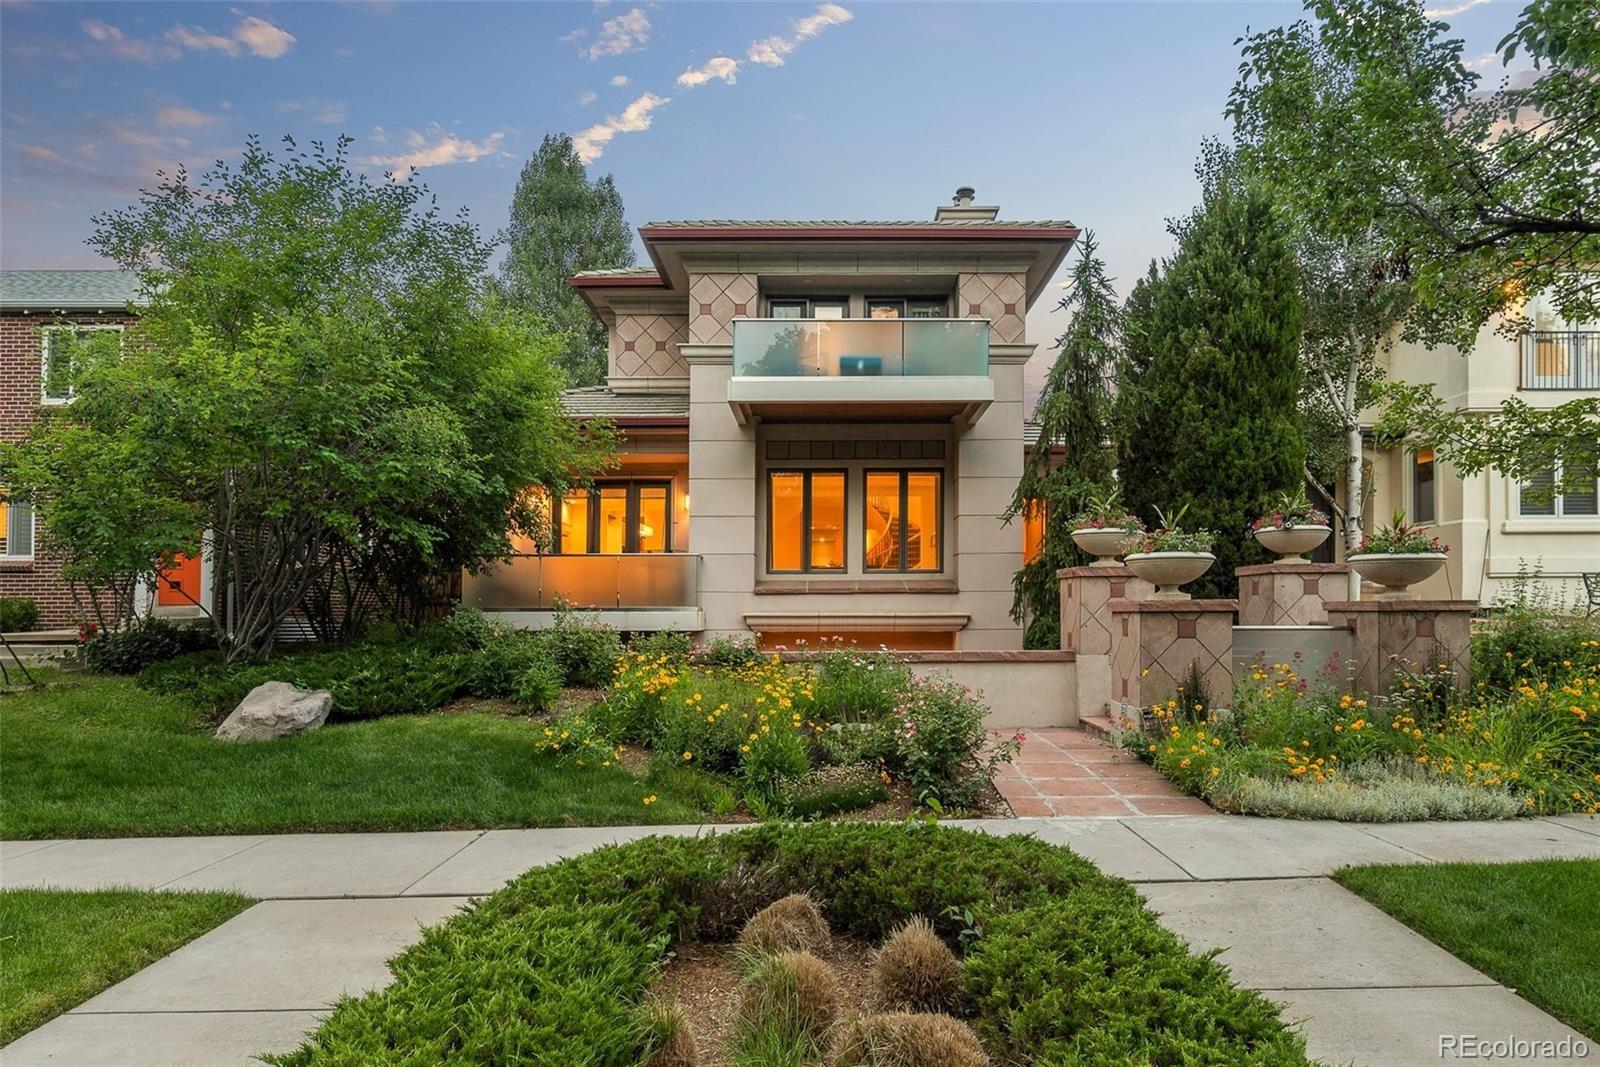 Photo of 366 Monroe Street, Denver, CO 80206 (MLS # 9717868)